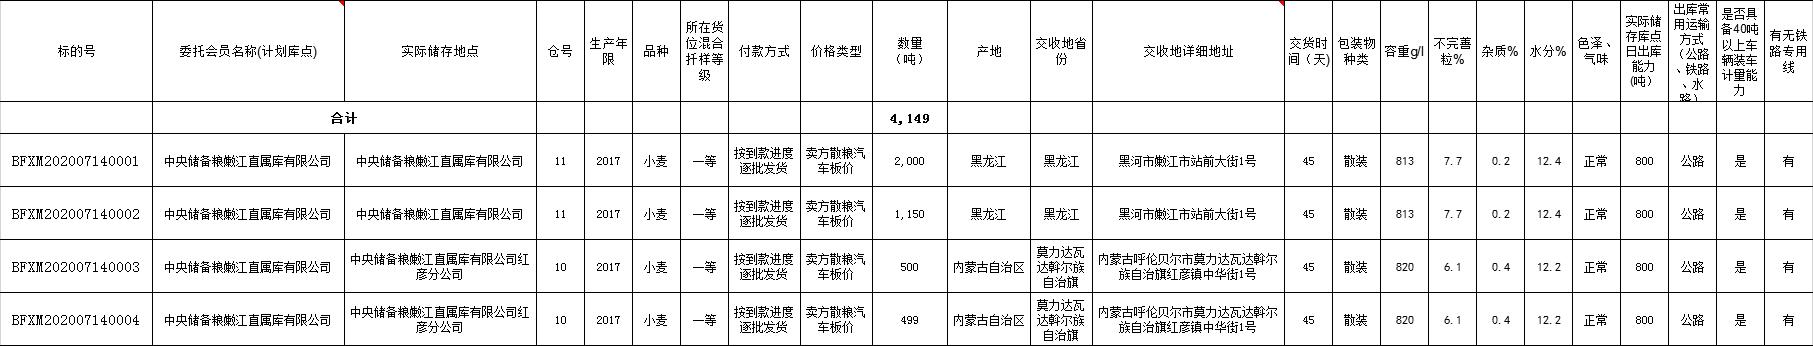 【地储拍卖】关于举办7月14日北